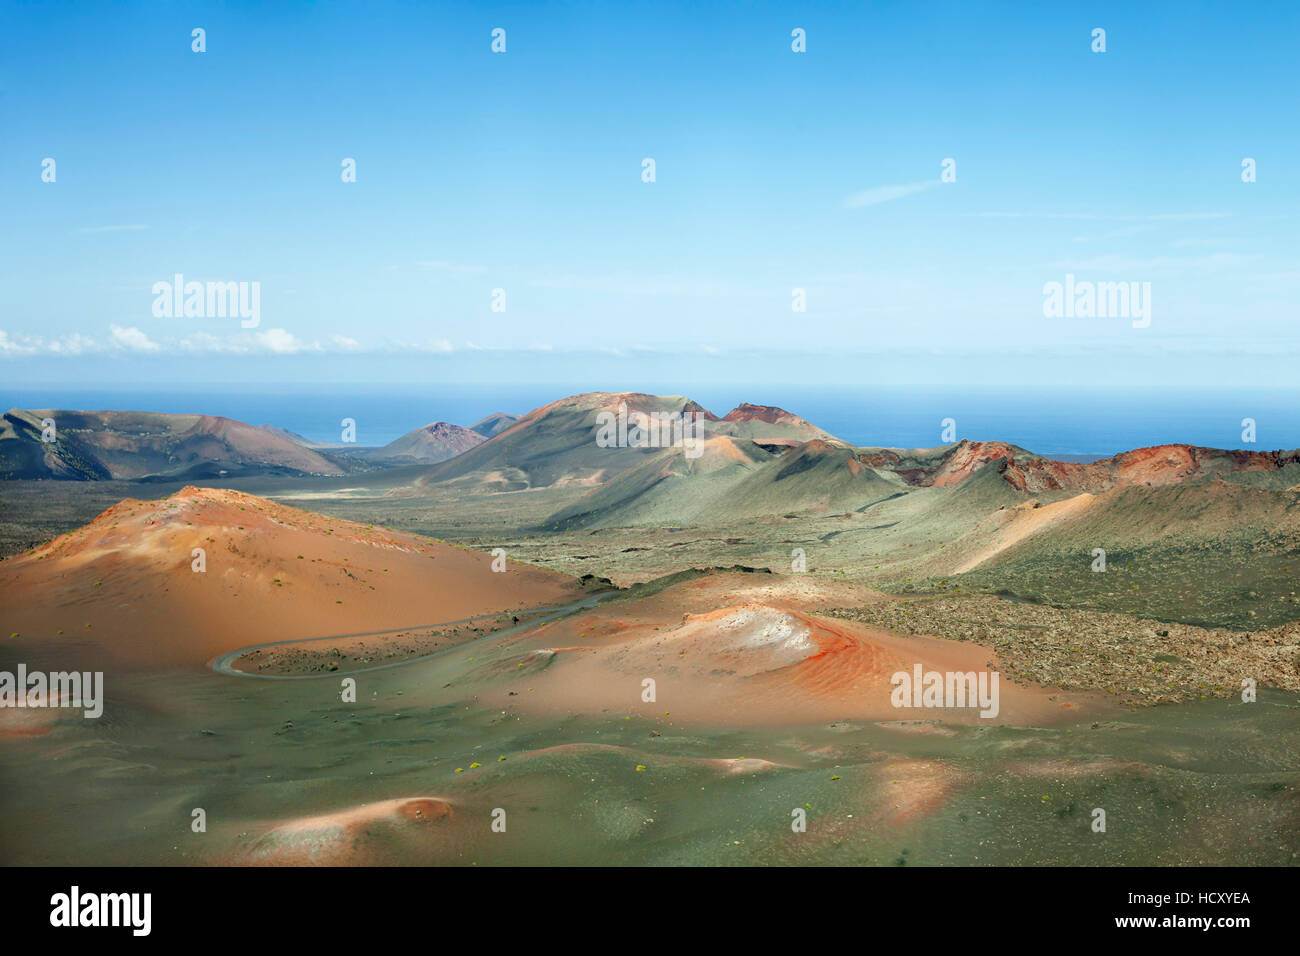 Ruta de los Volcanes, Montanas del Fuego, Parque National de Timanfaya, Lanzarote, Canary Islands, Spain, Atlantic - Stock Image